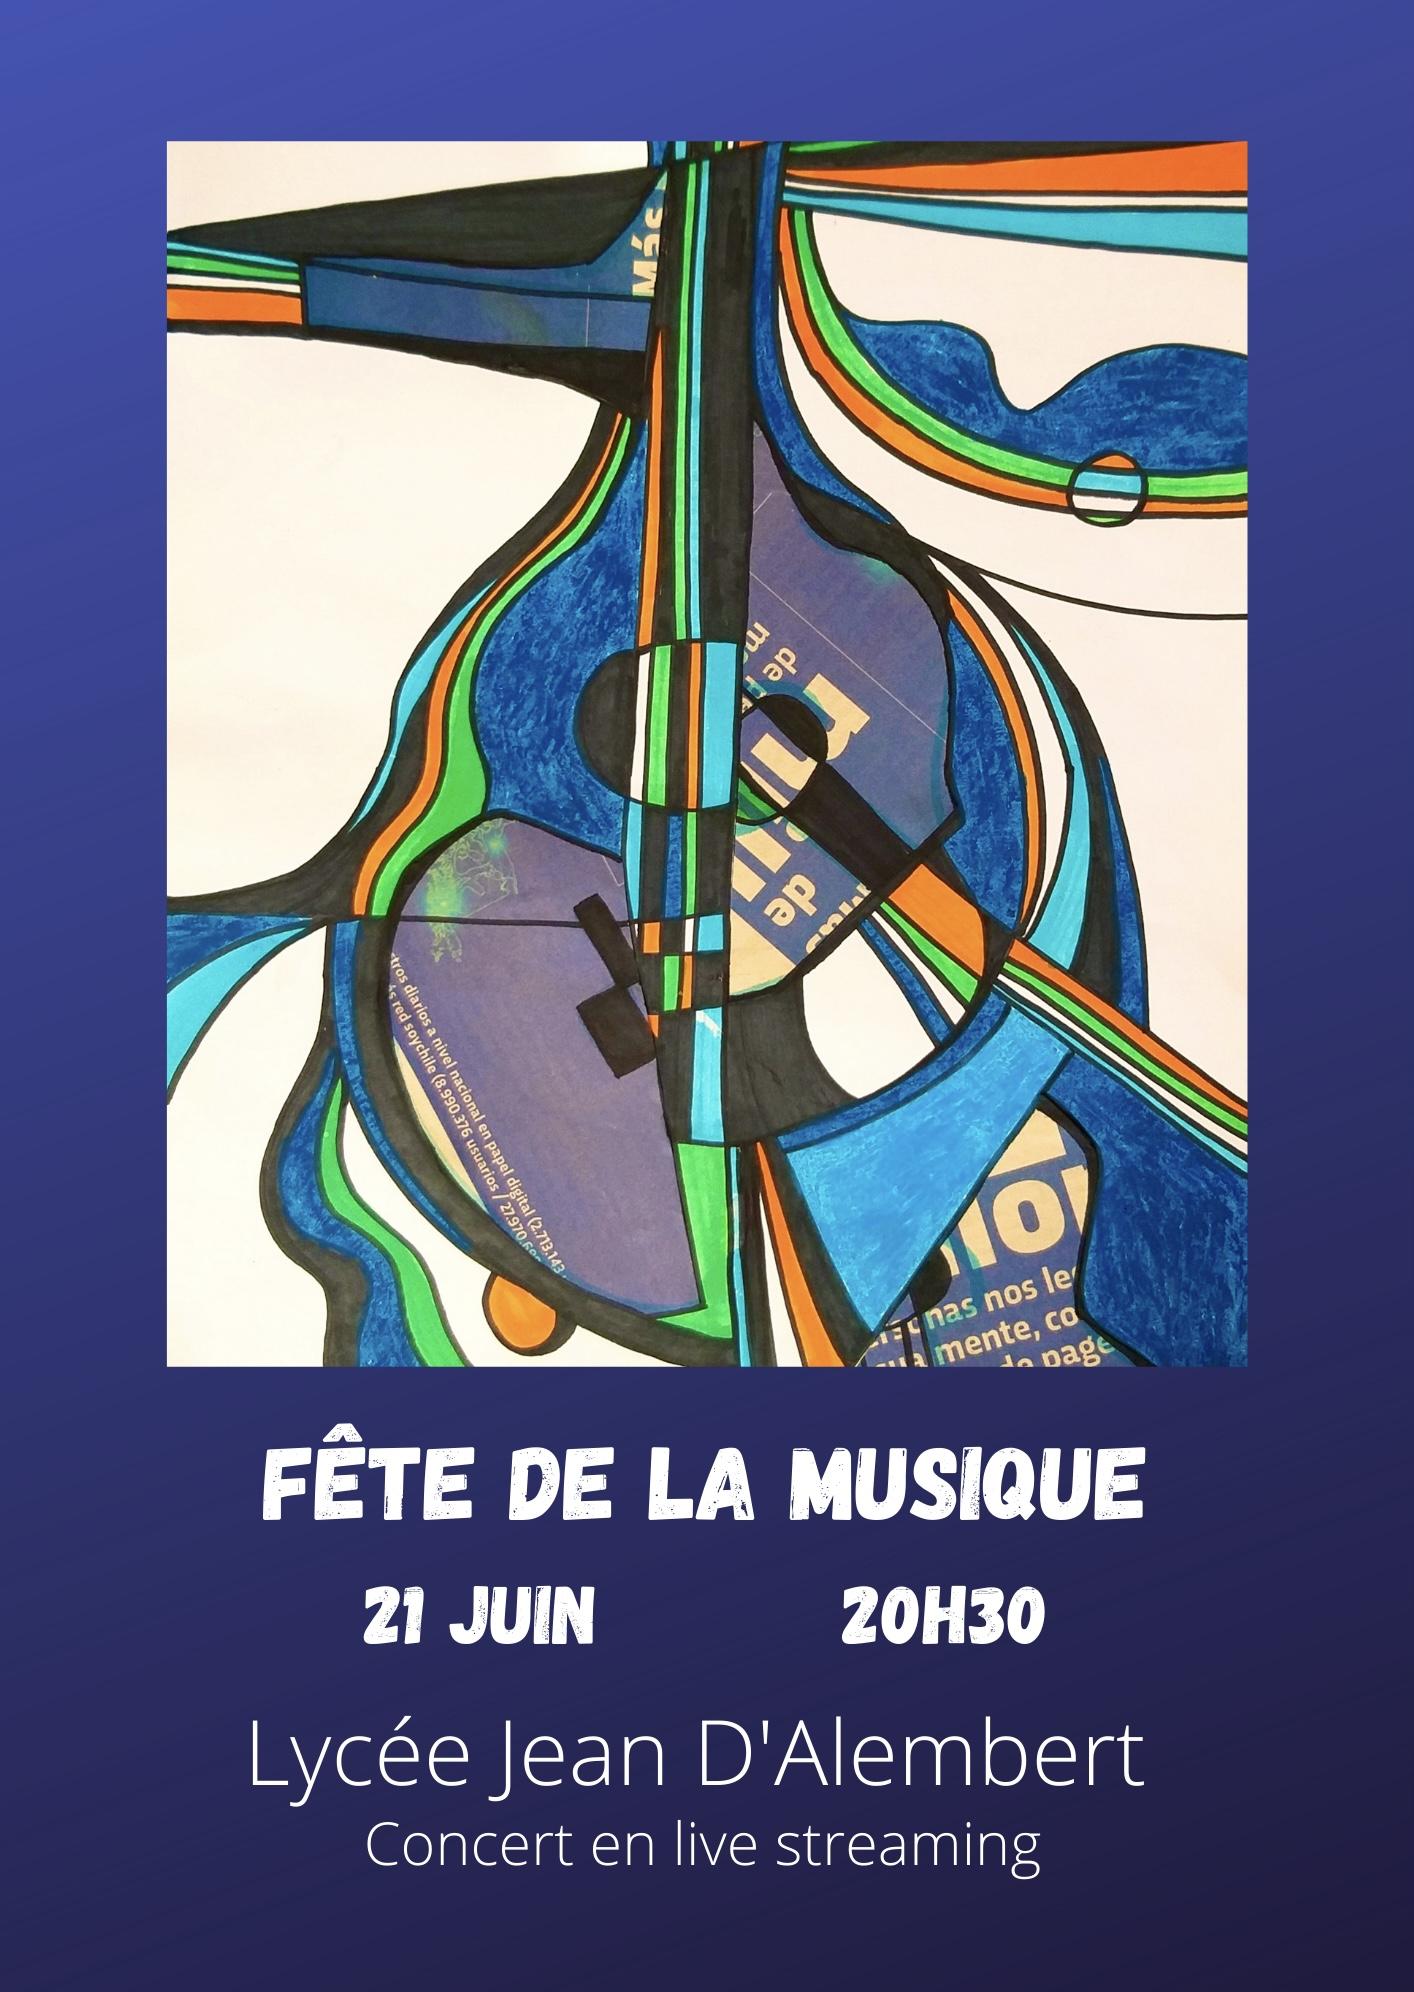 Fête de la musique 2021. ¡Invitación a participar!